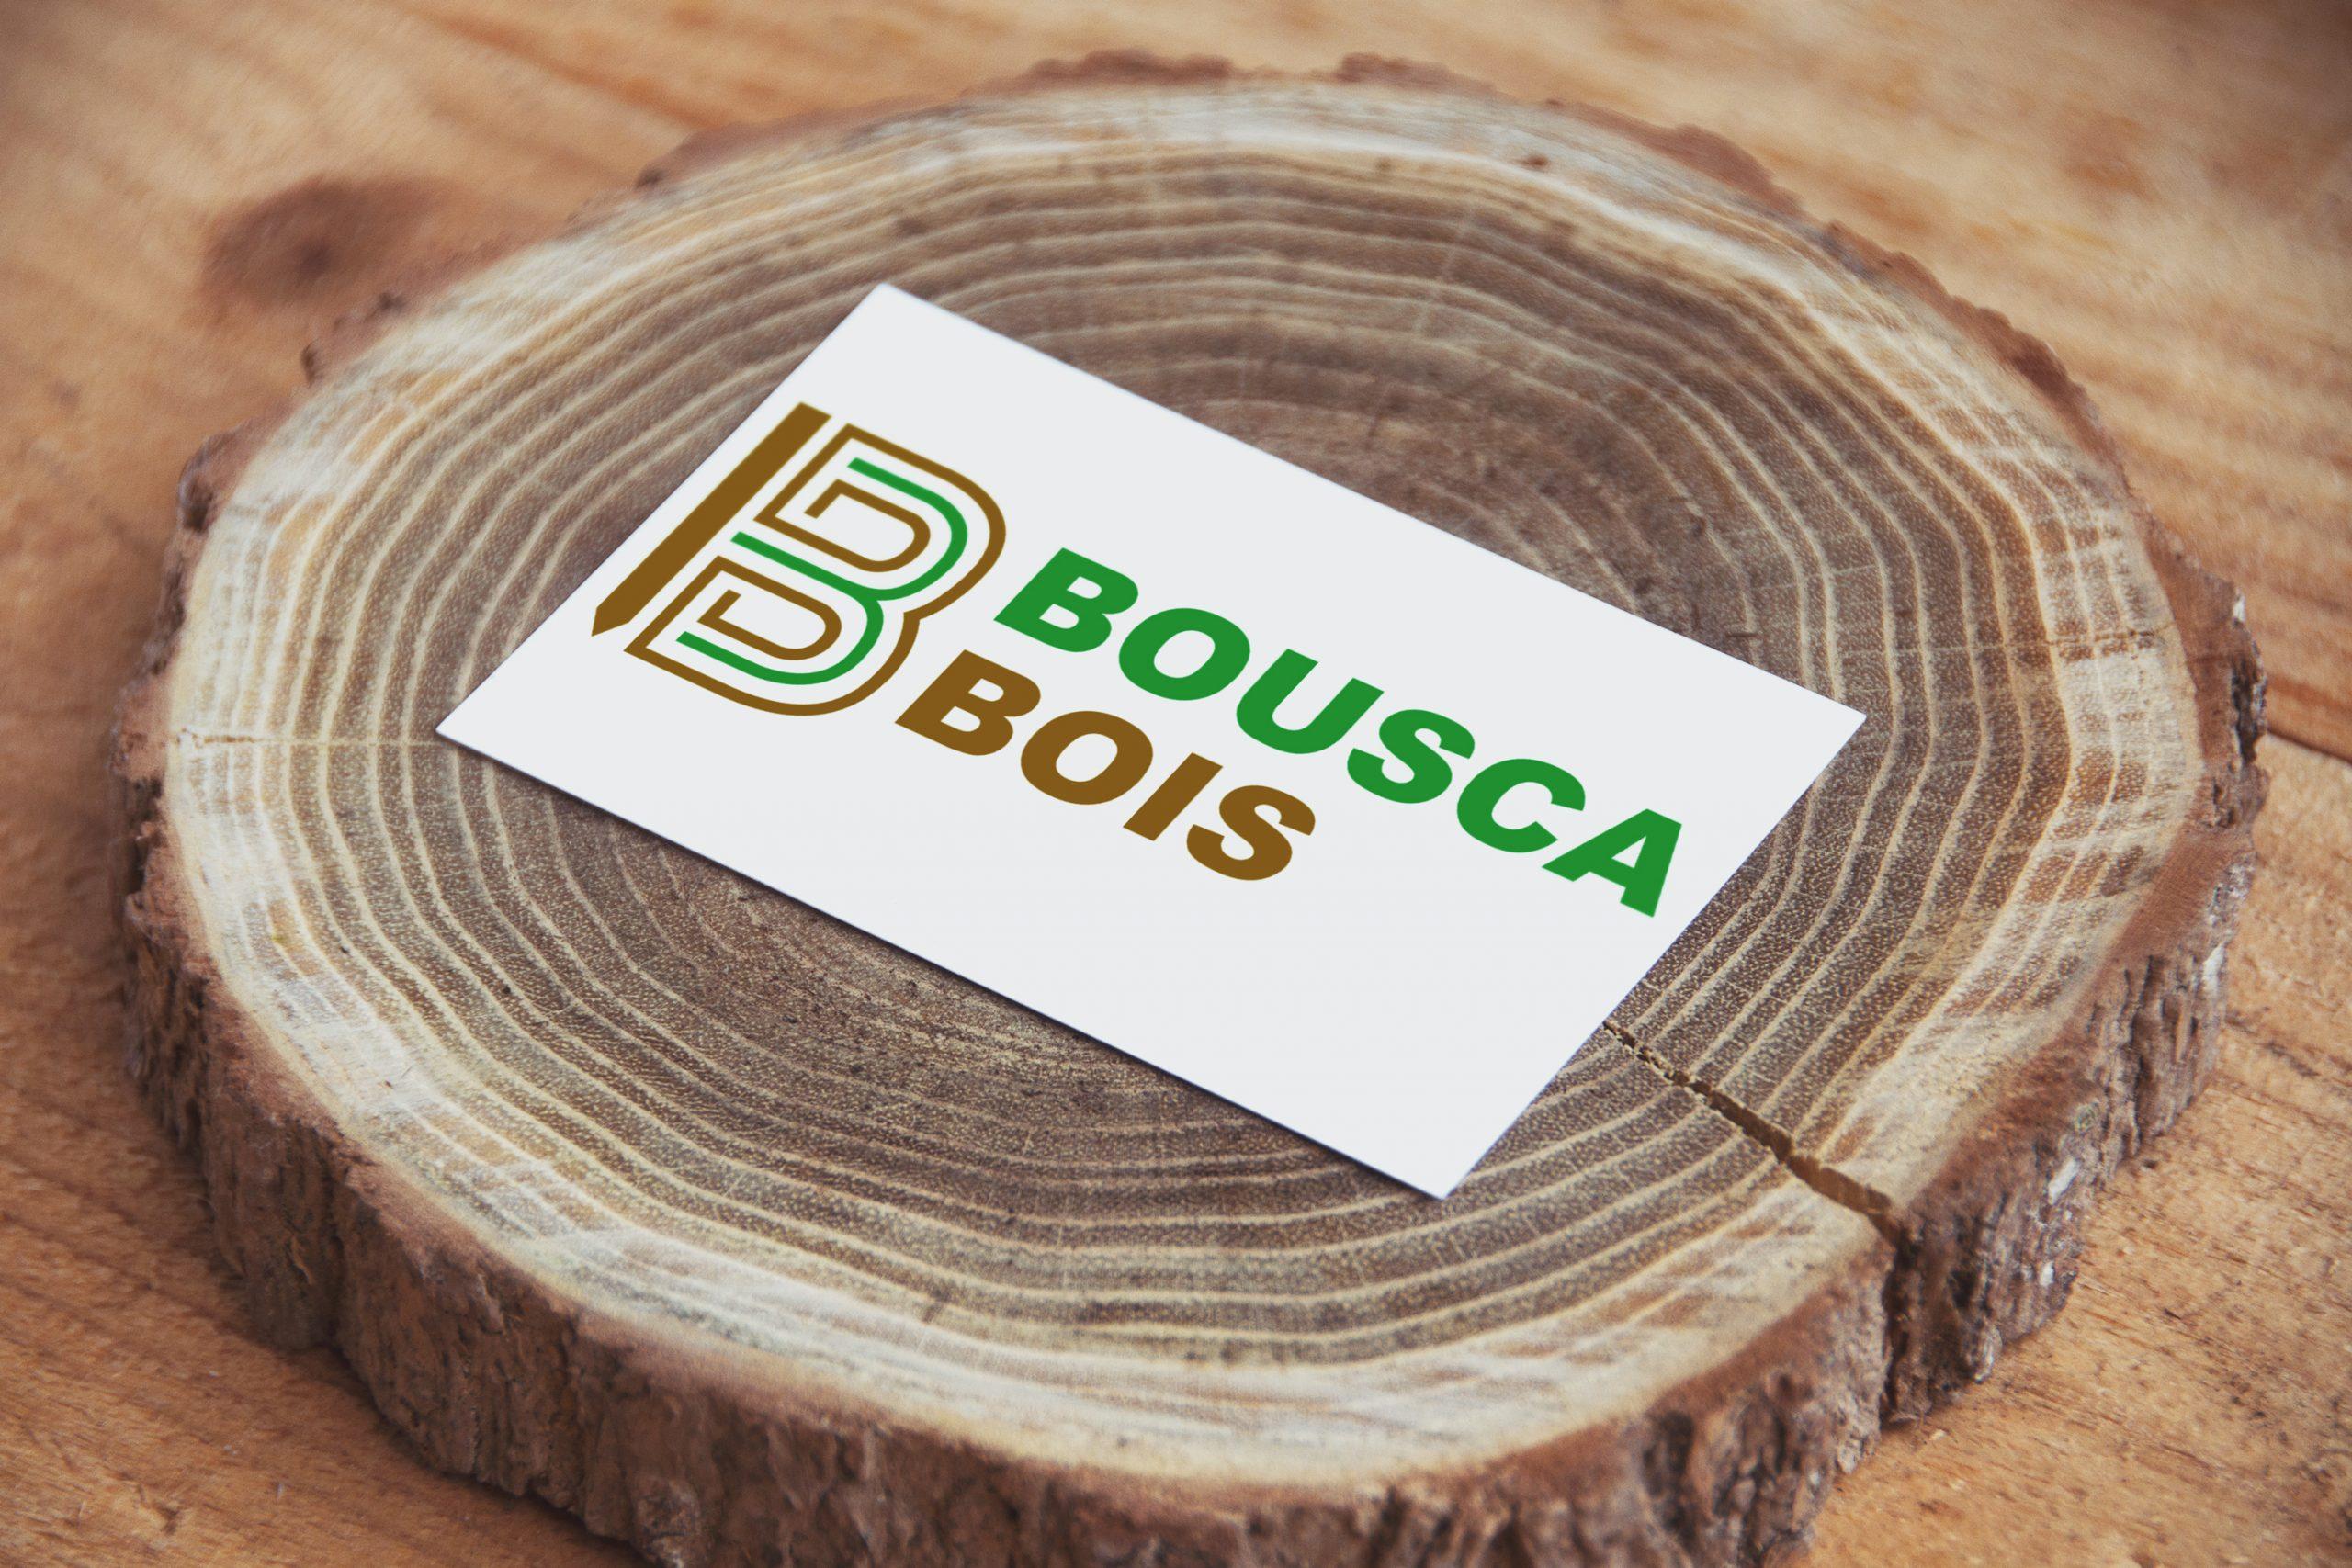 Logo Bousca Bois